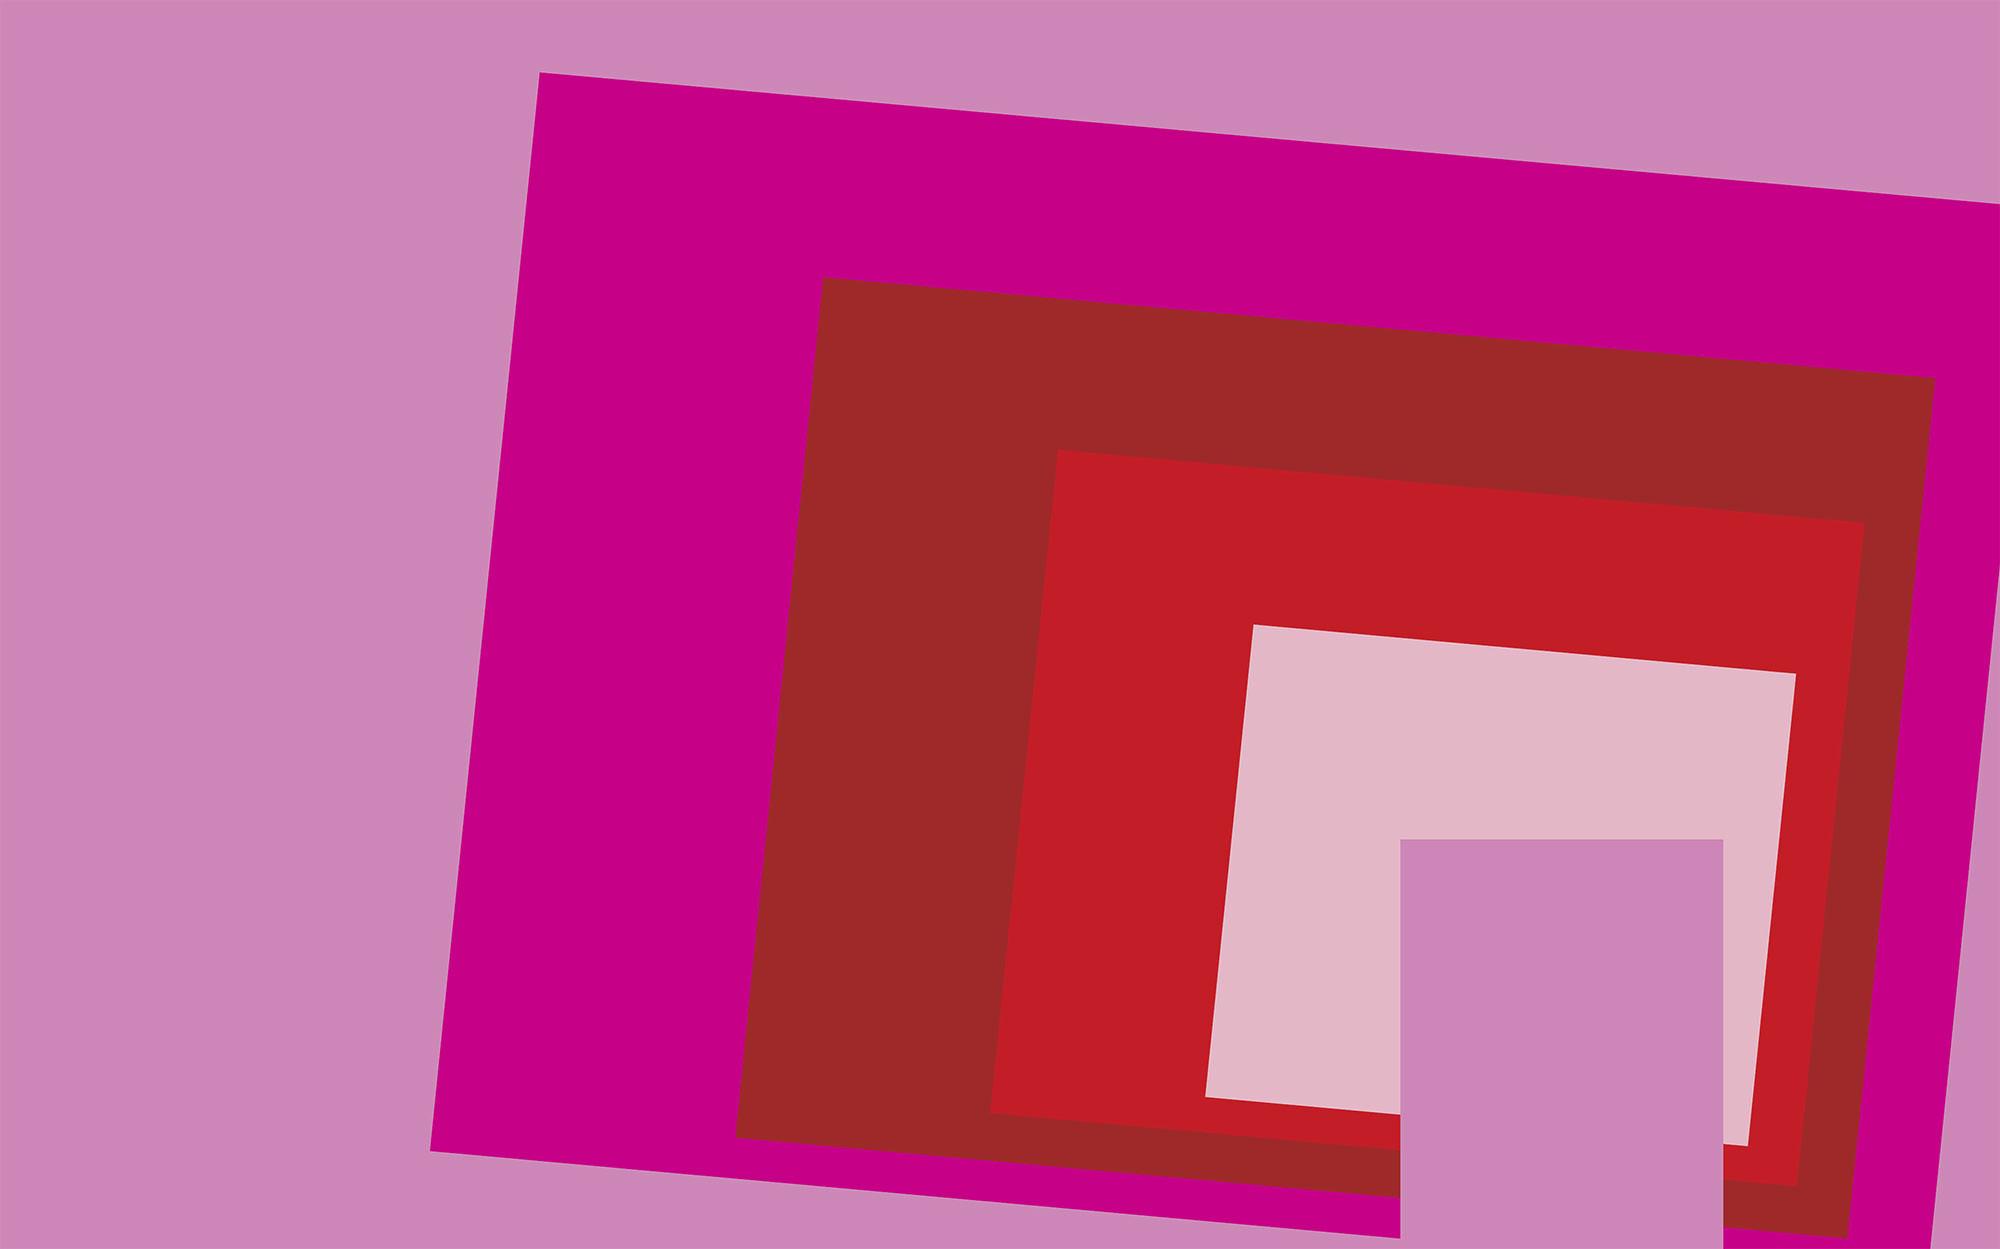 Blocking Oblique rose-red